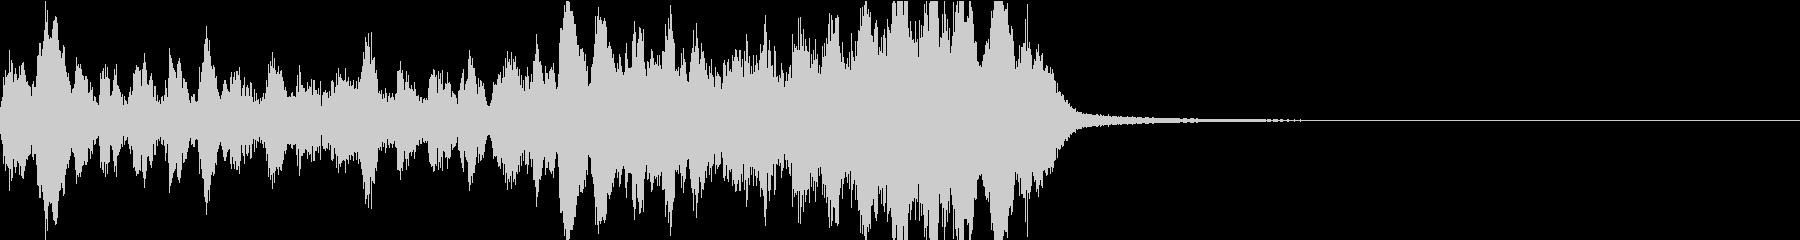 ハロウィン風オーケストラのジングルの未再生の波形